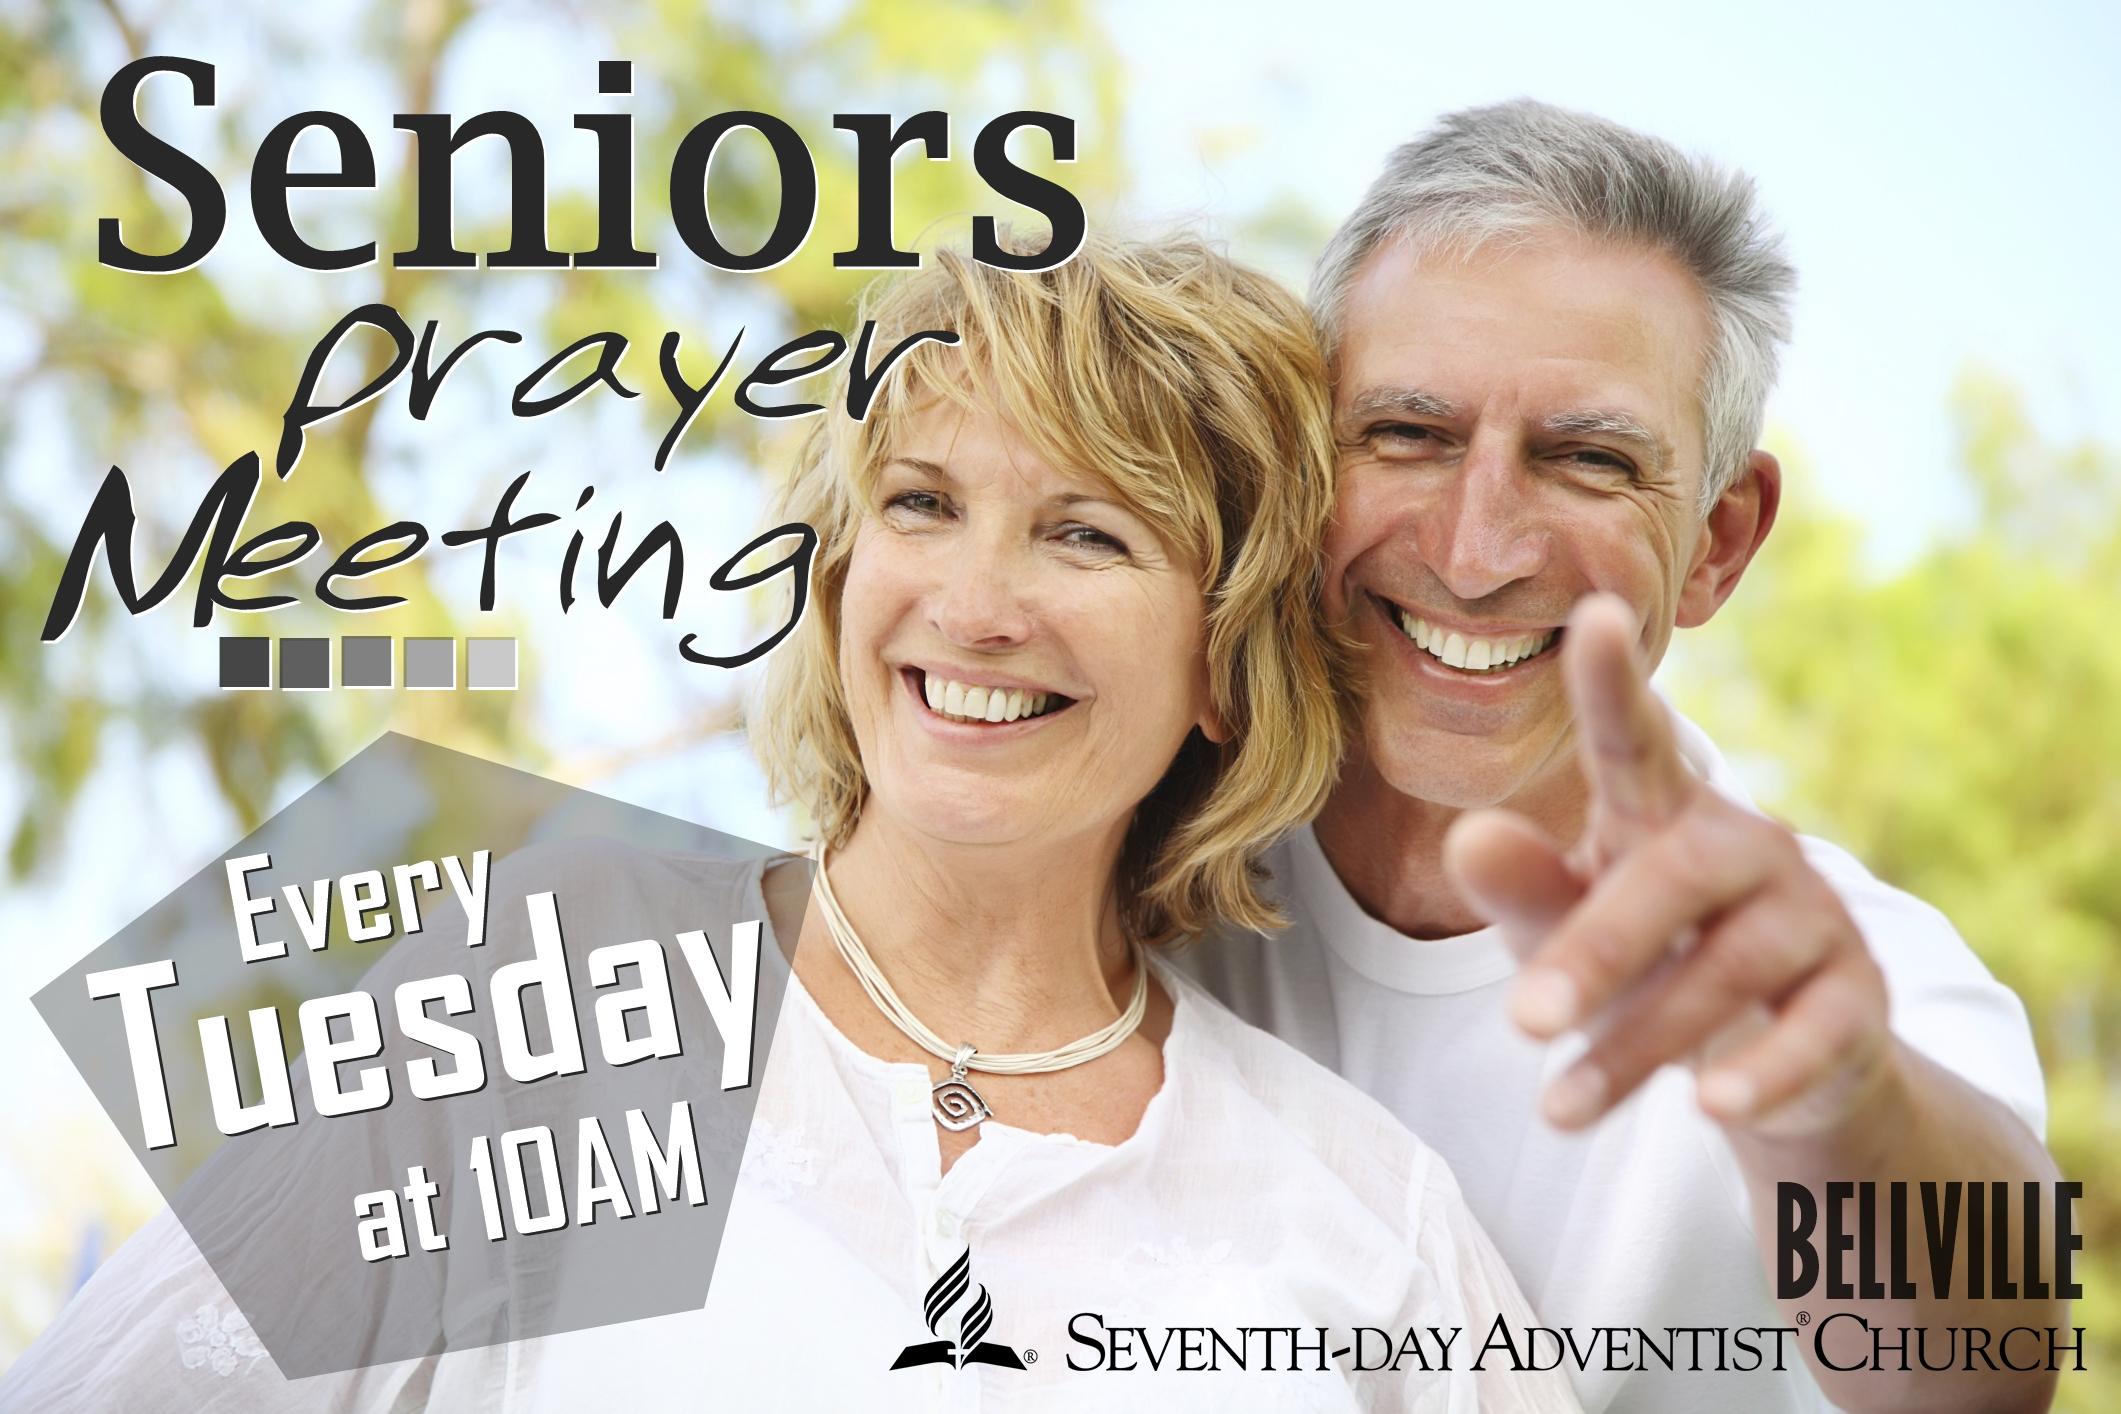 Bellville - Announcement: Seniors Prayer Meeting (SPM)